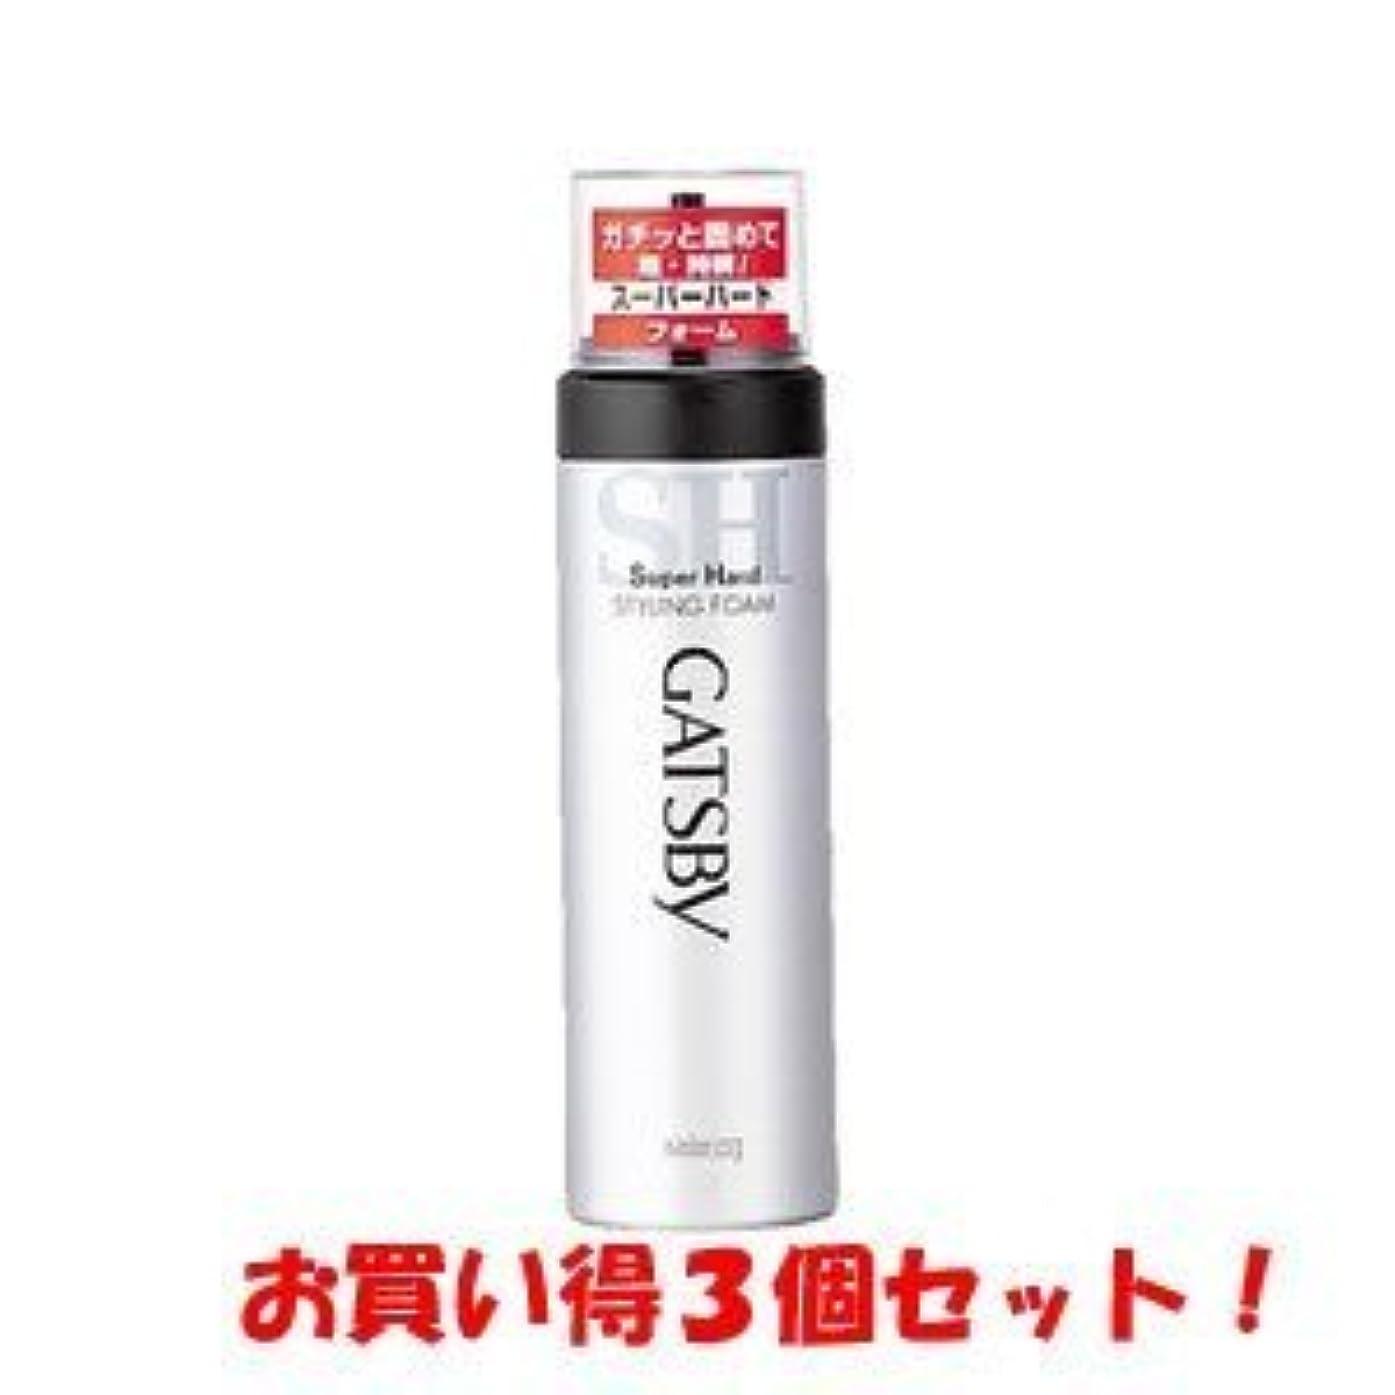 振る舞うそこシエスタギャツビー【GATSBY】スタイリングフォーム スーパーハード 185g(お買い得3個セット)